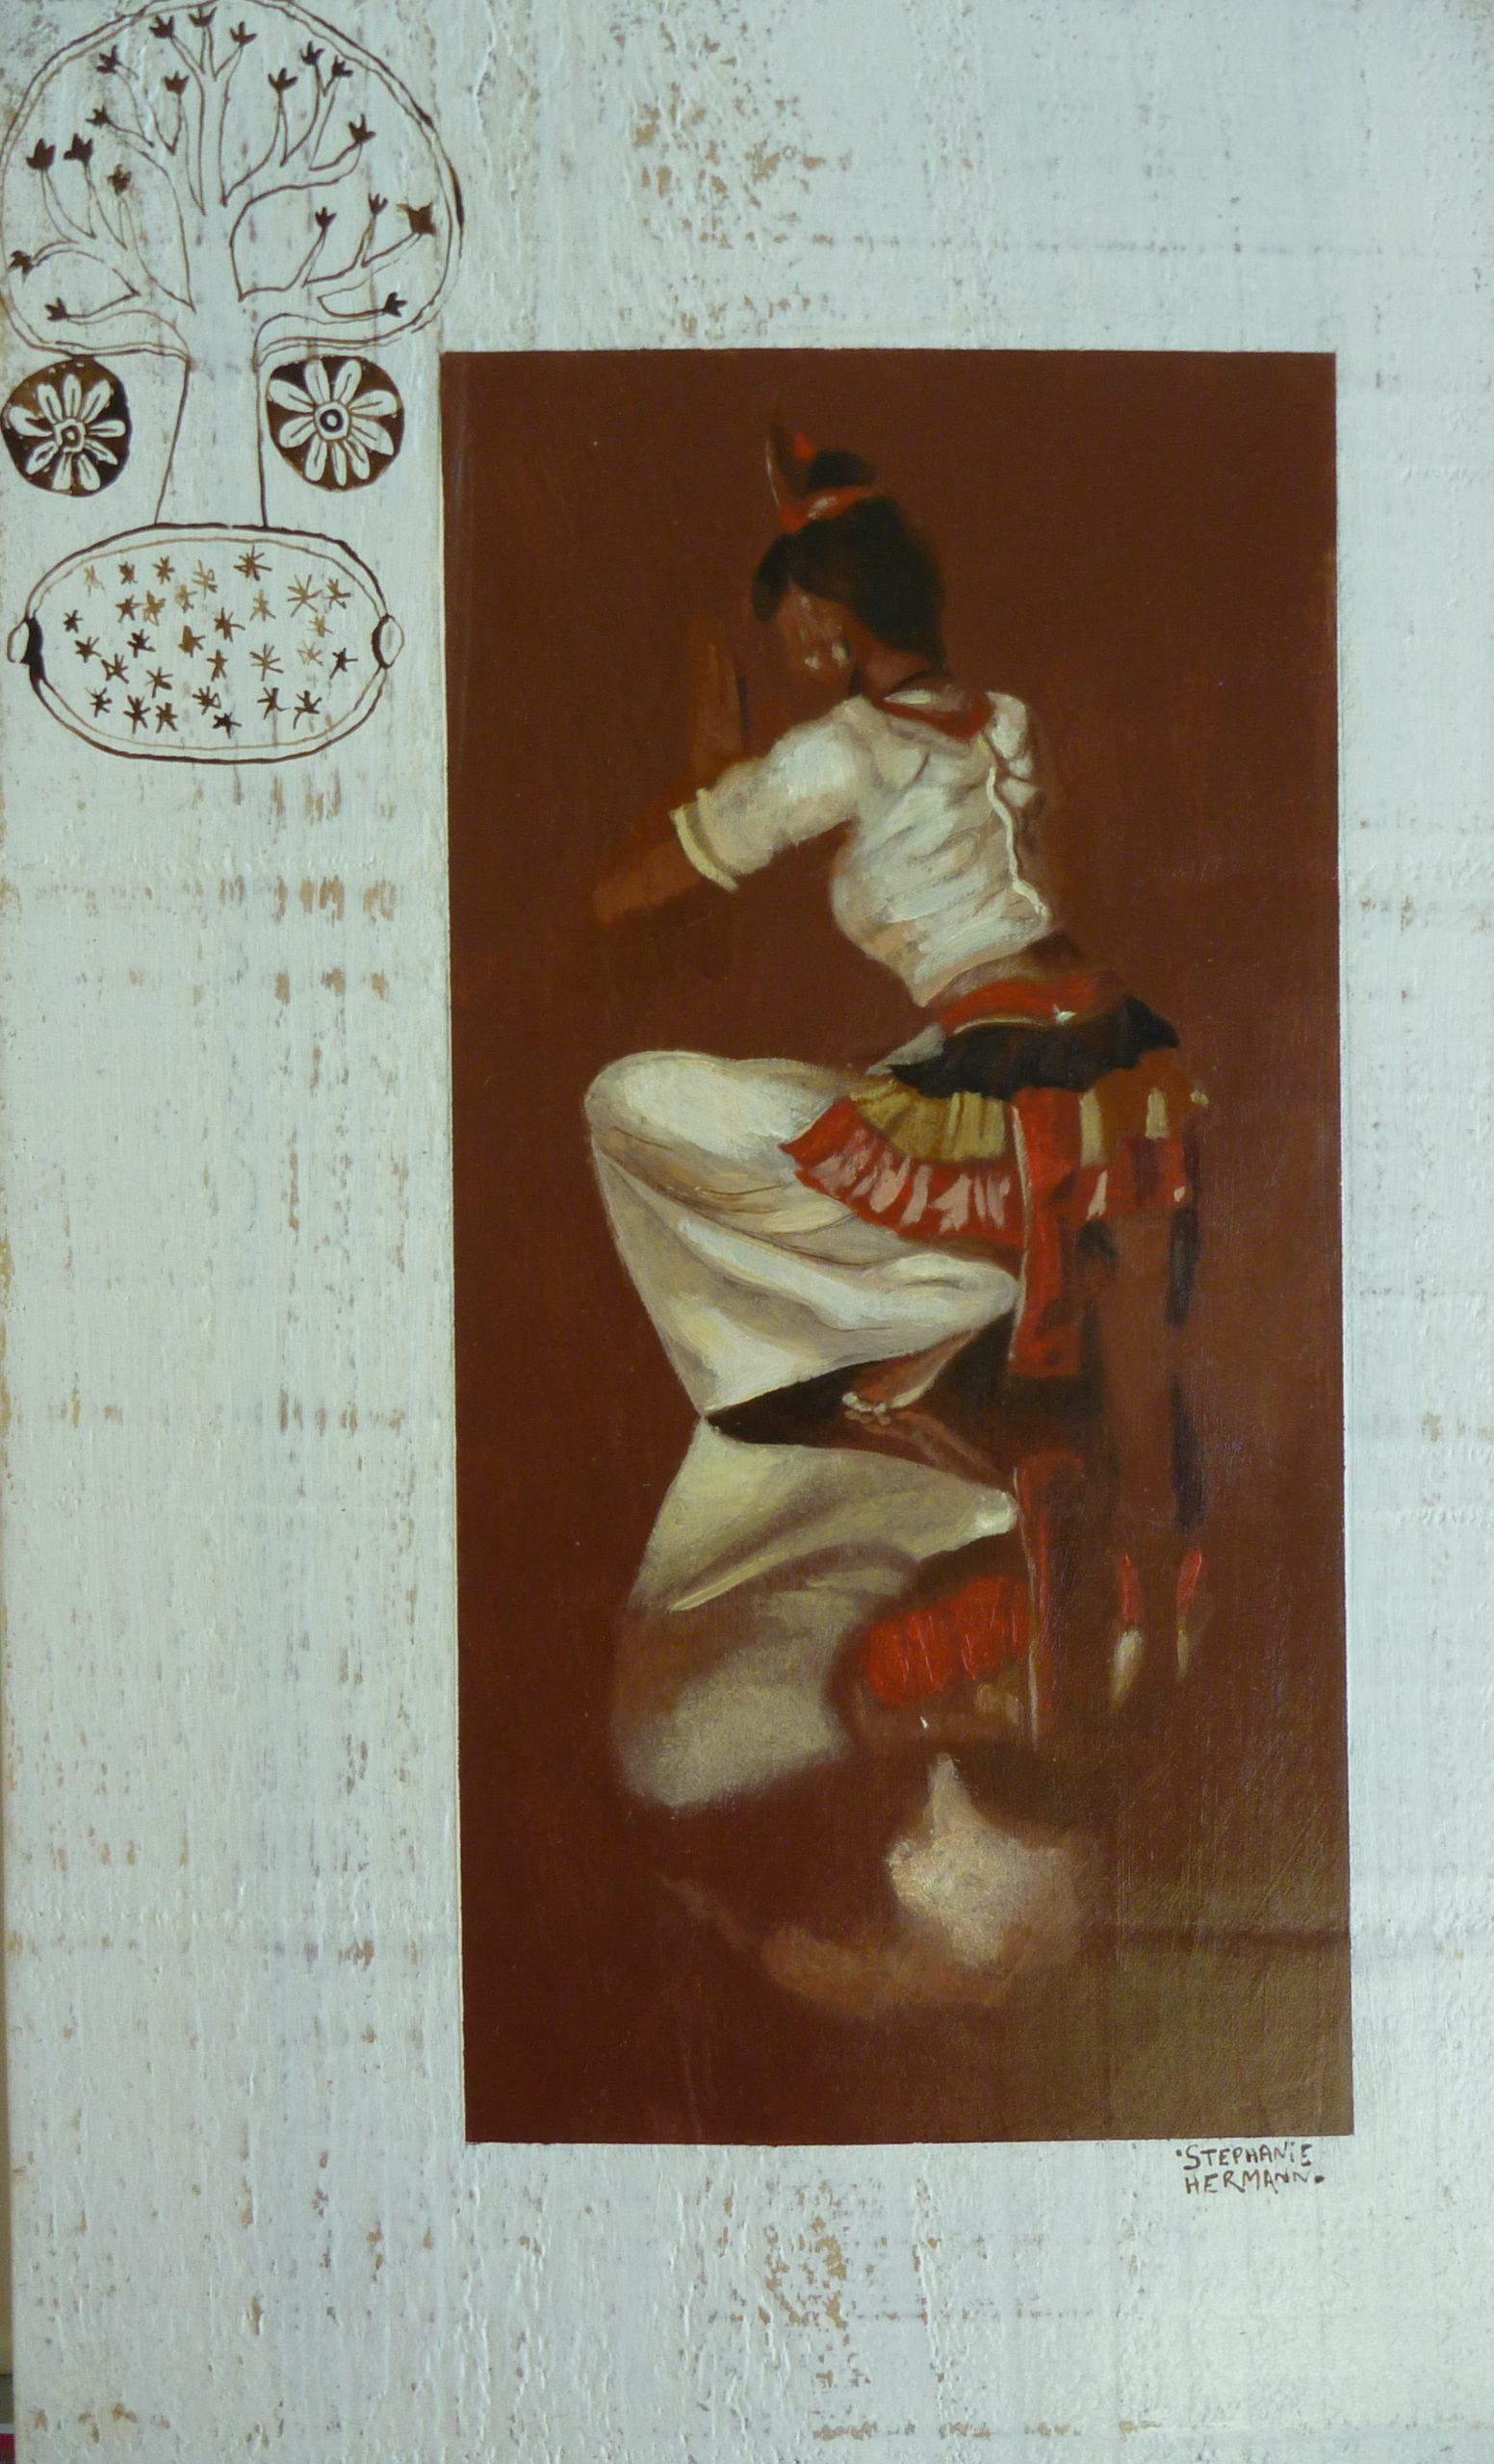 La  danseuse 2012